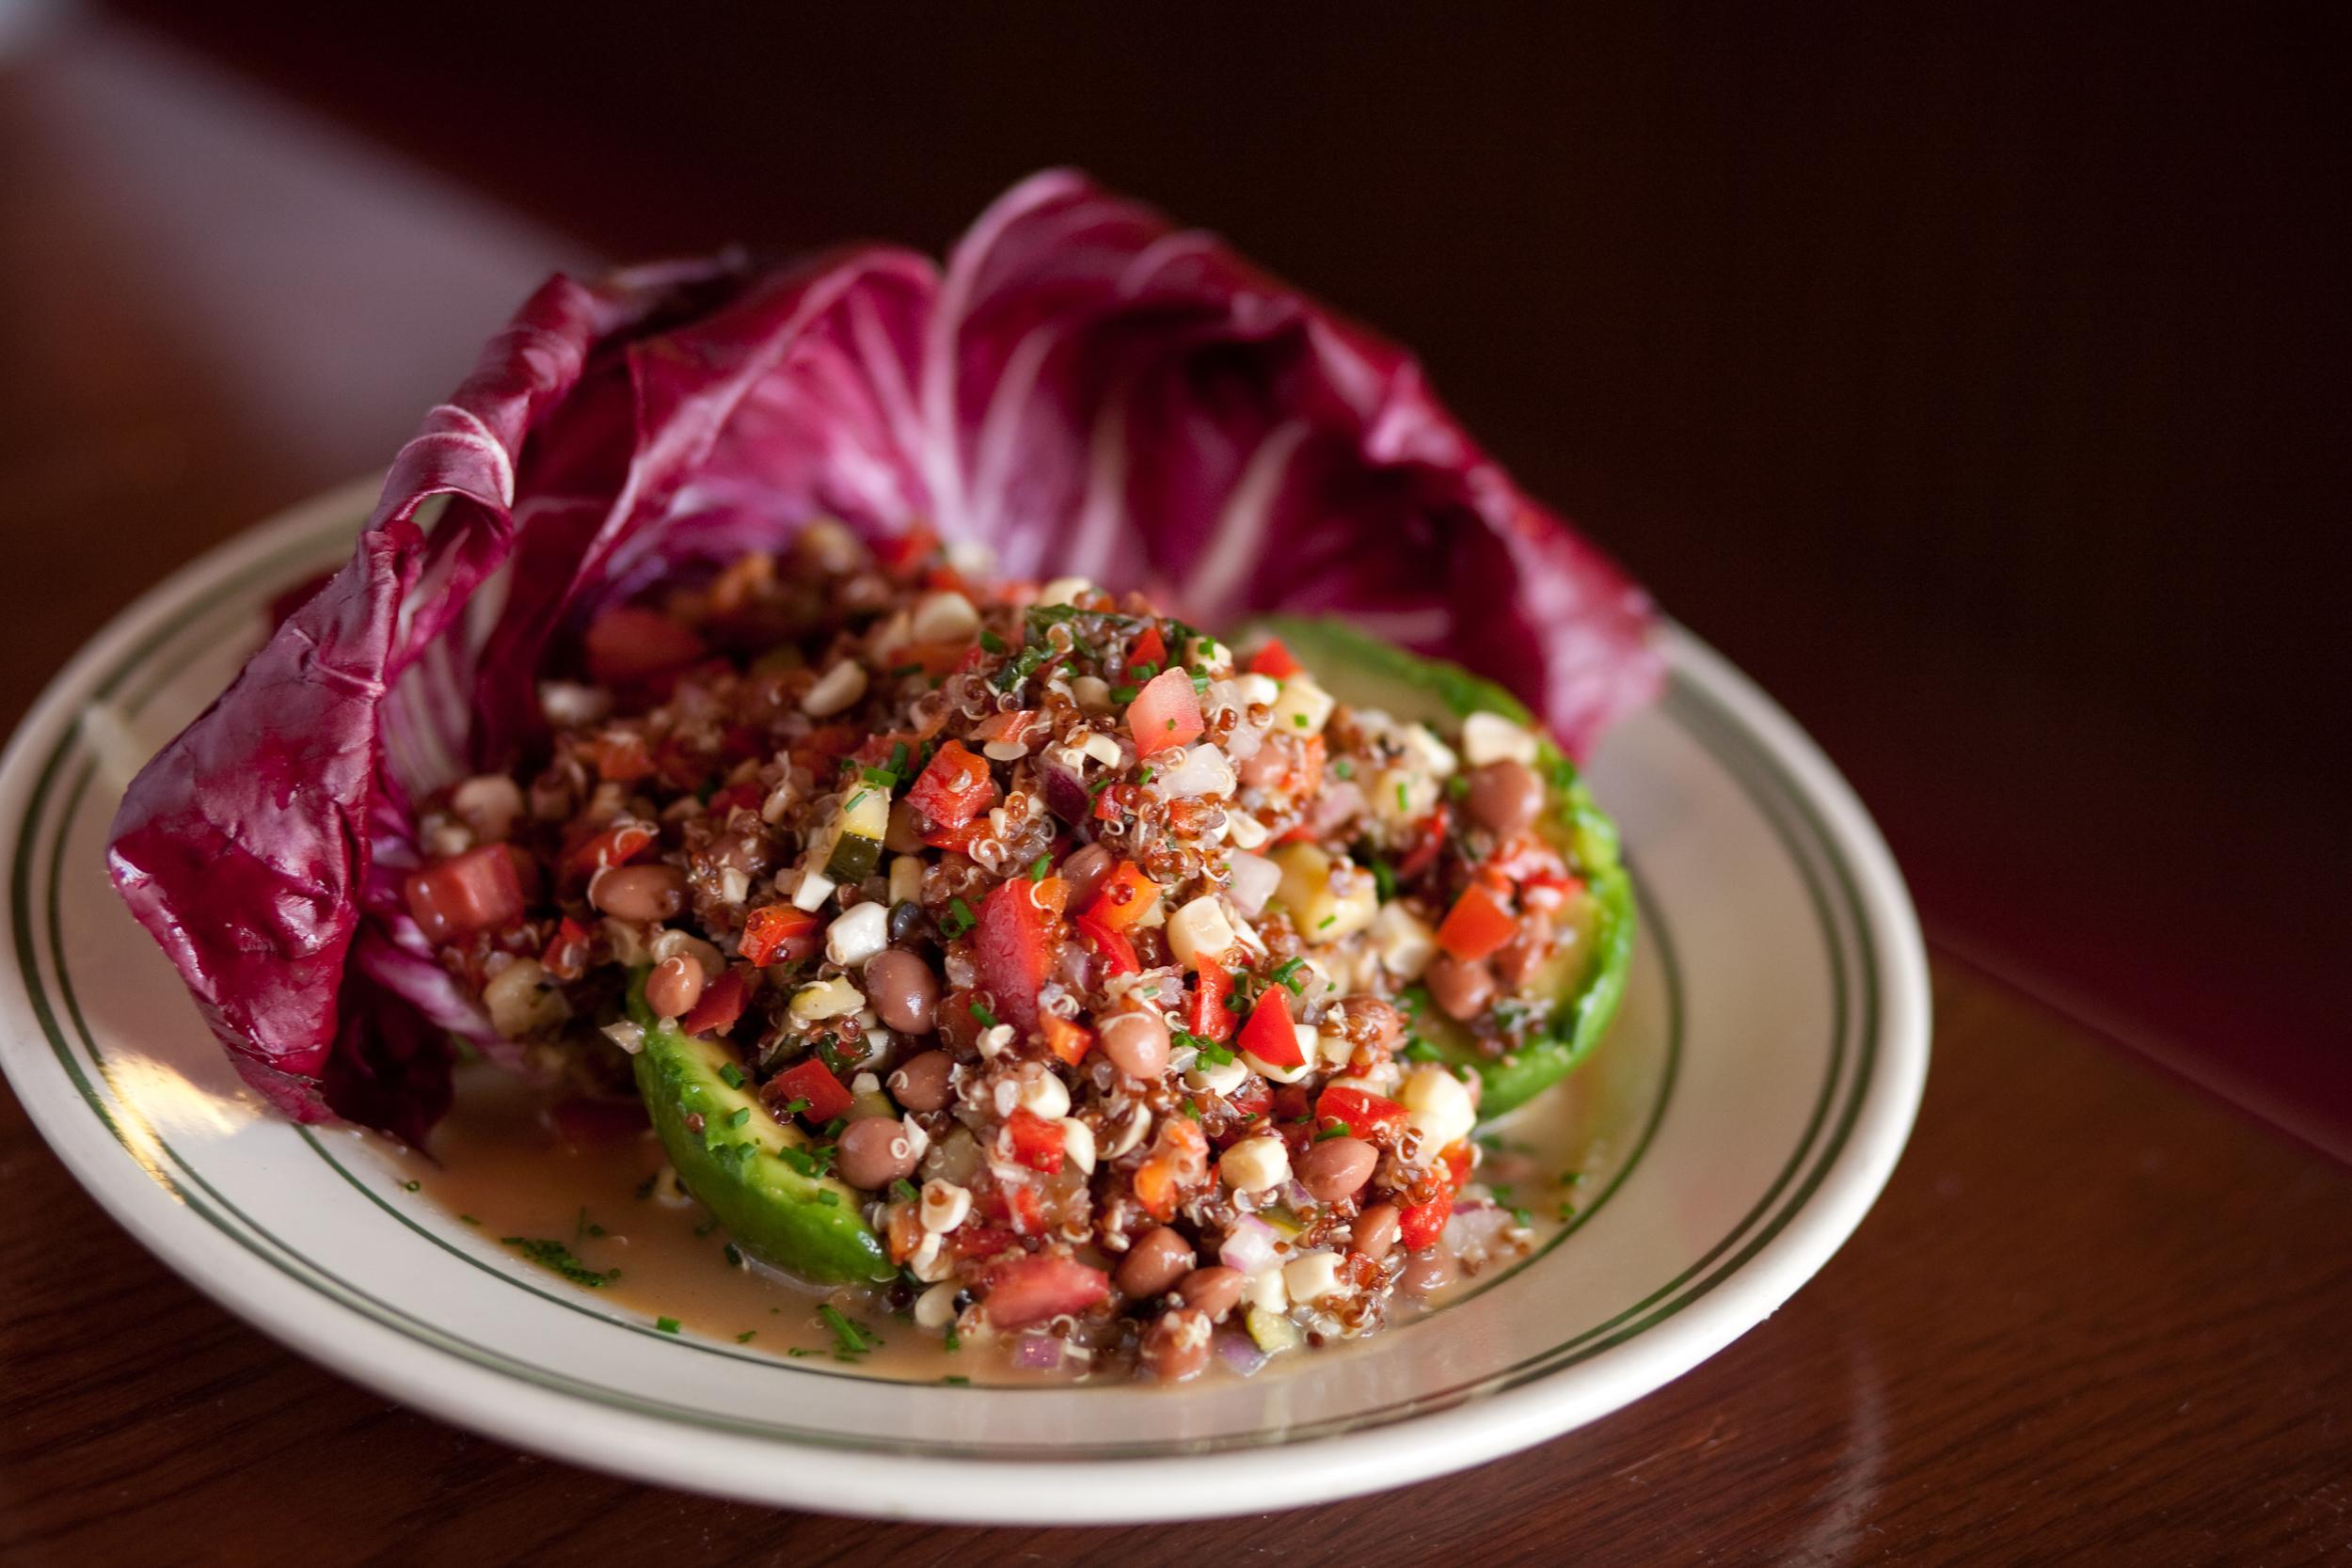 Stuffed Avocado w Quinoa